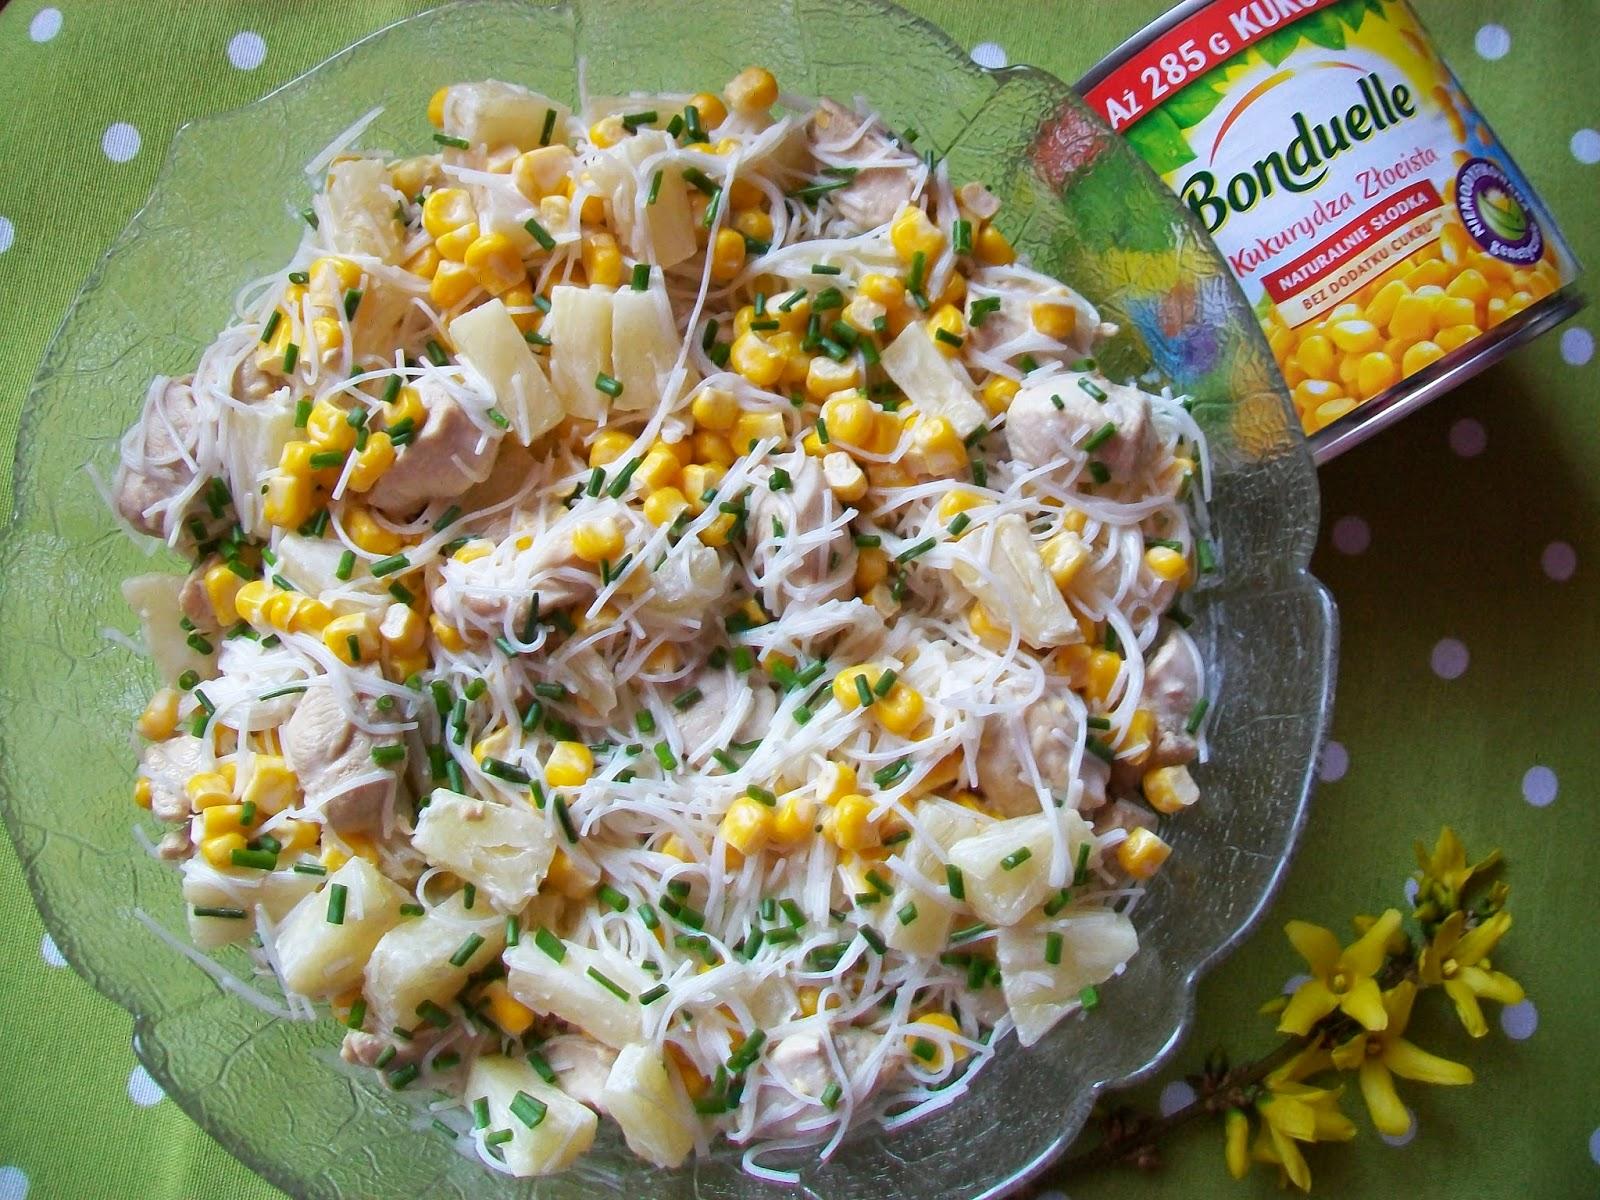 Monia Miesza I Gotuje Salatka Z Makaronem Ryzowym Kurczakiem I